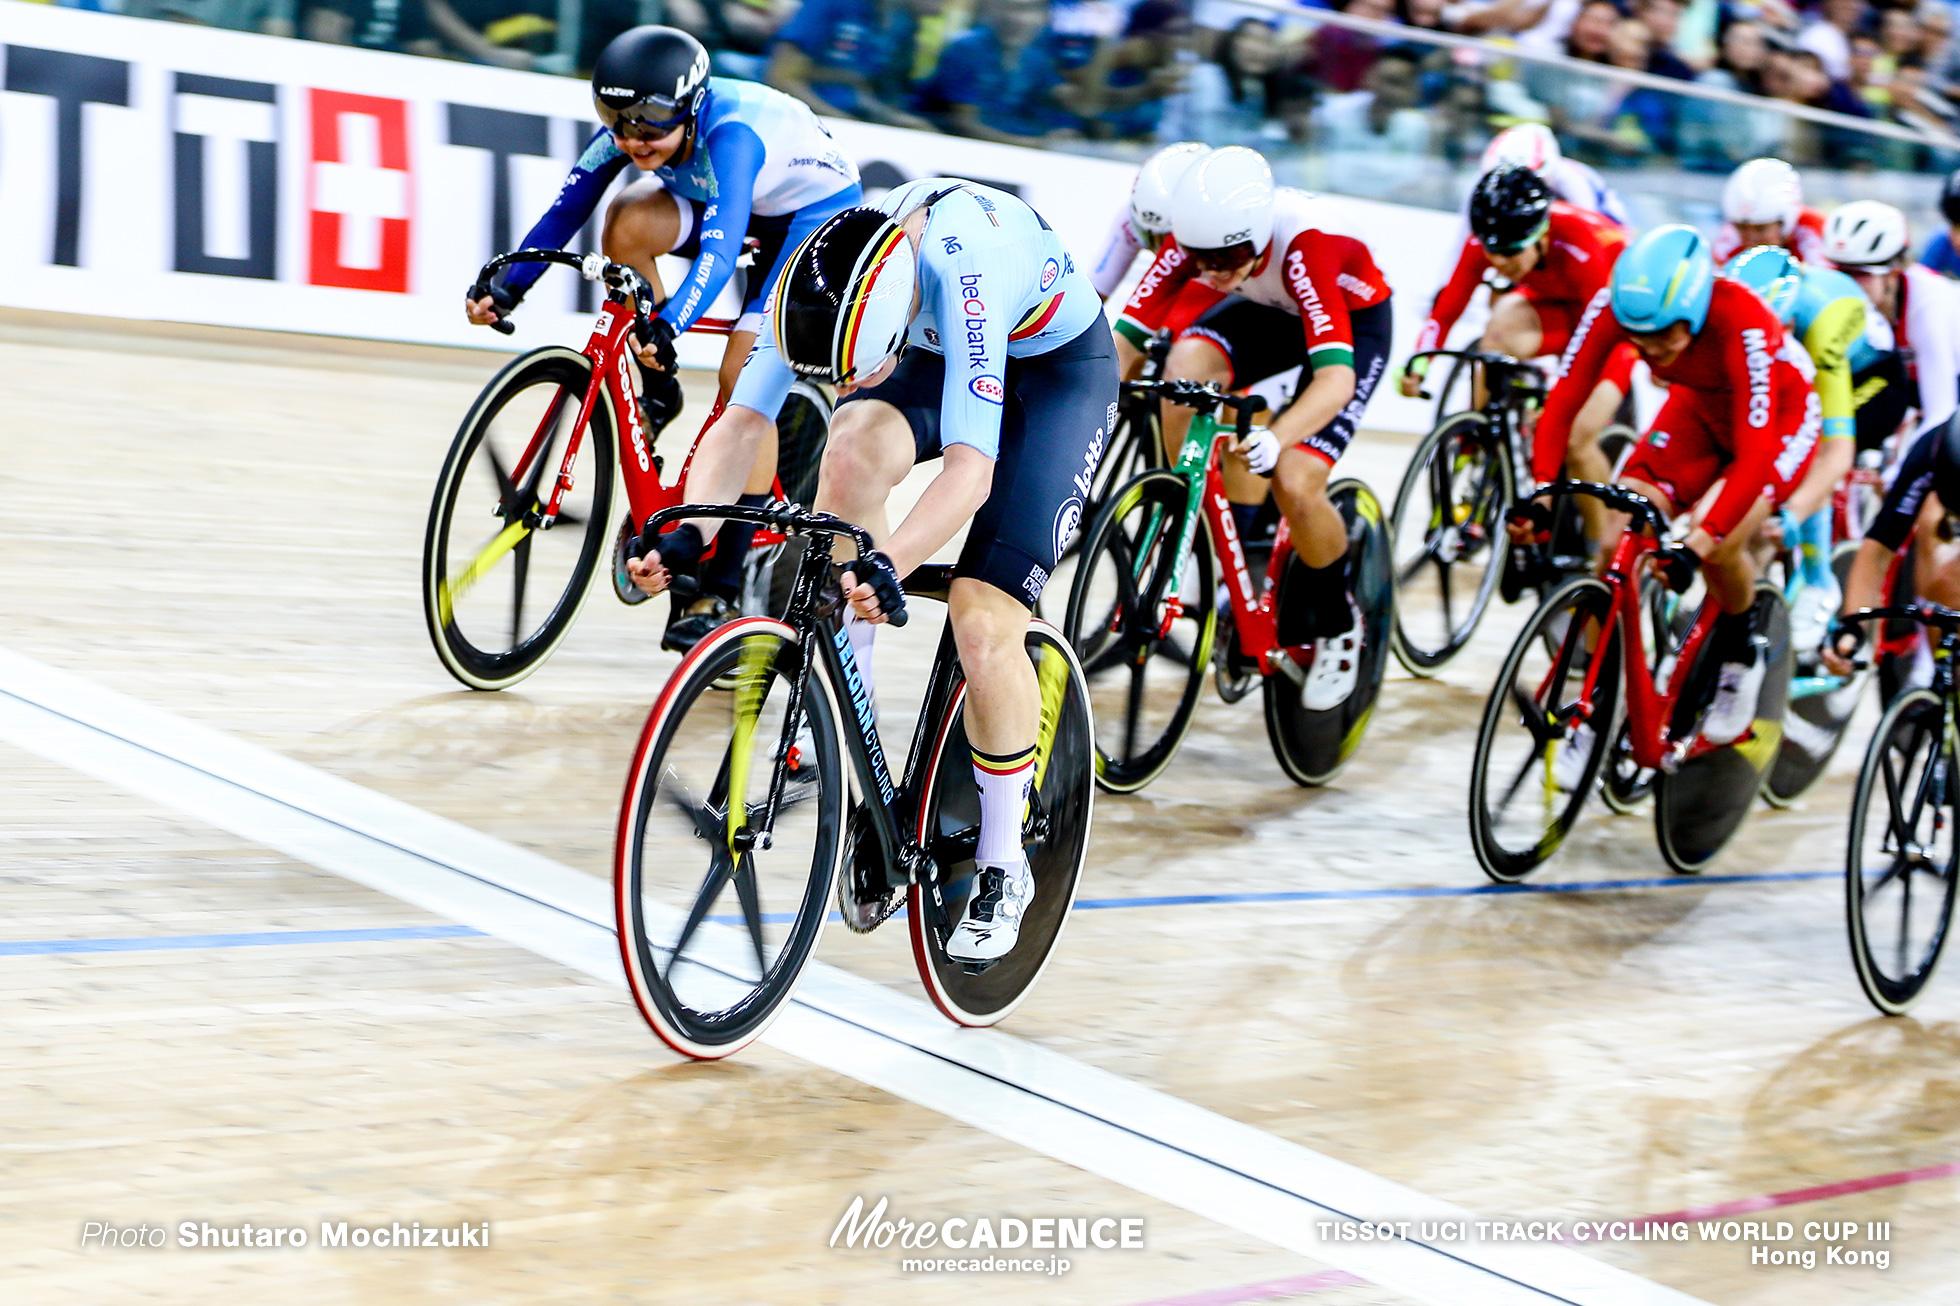 梶原悠未, Women's Omnium / TISSOT UCI TRACK CYCLING WORLD CUP III, Hong Kong